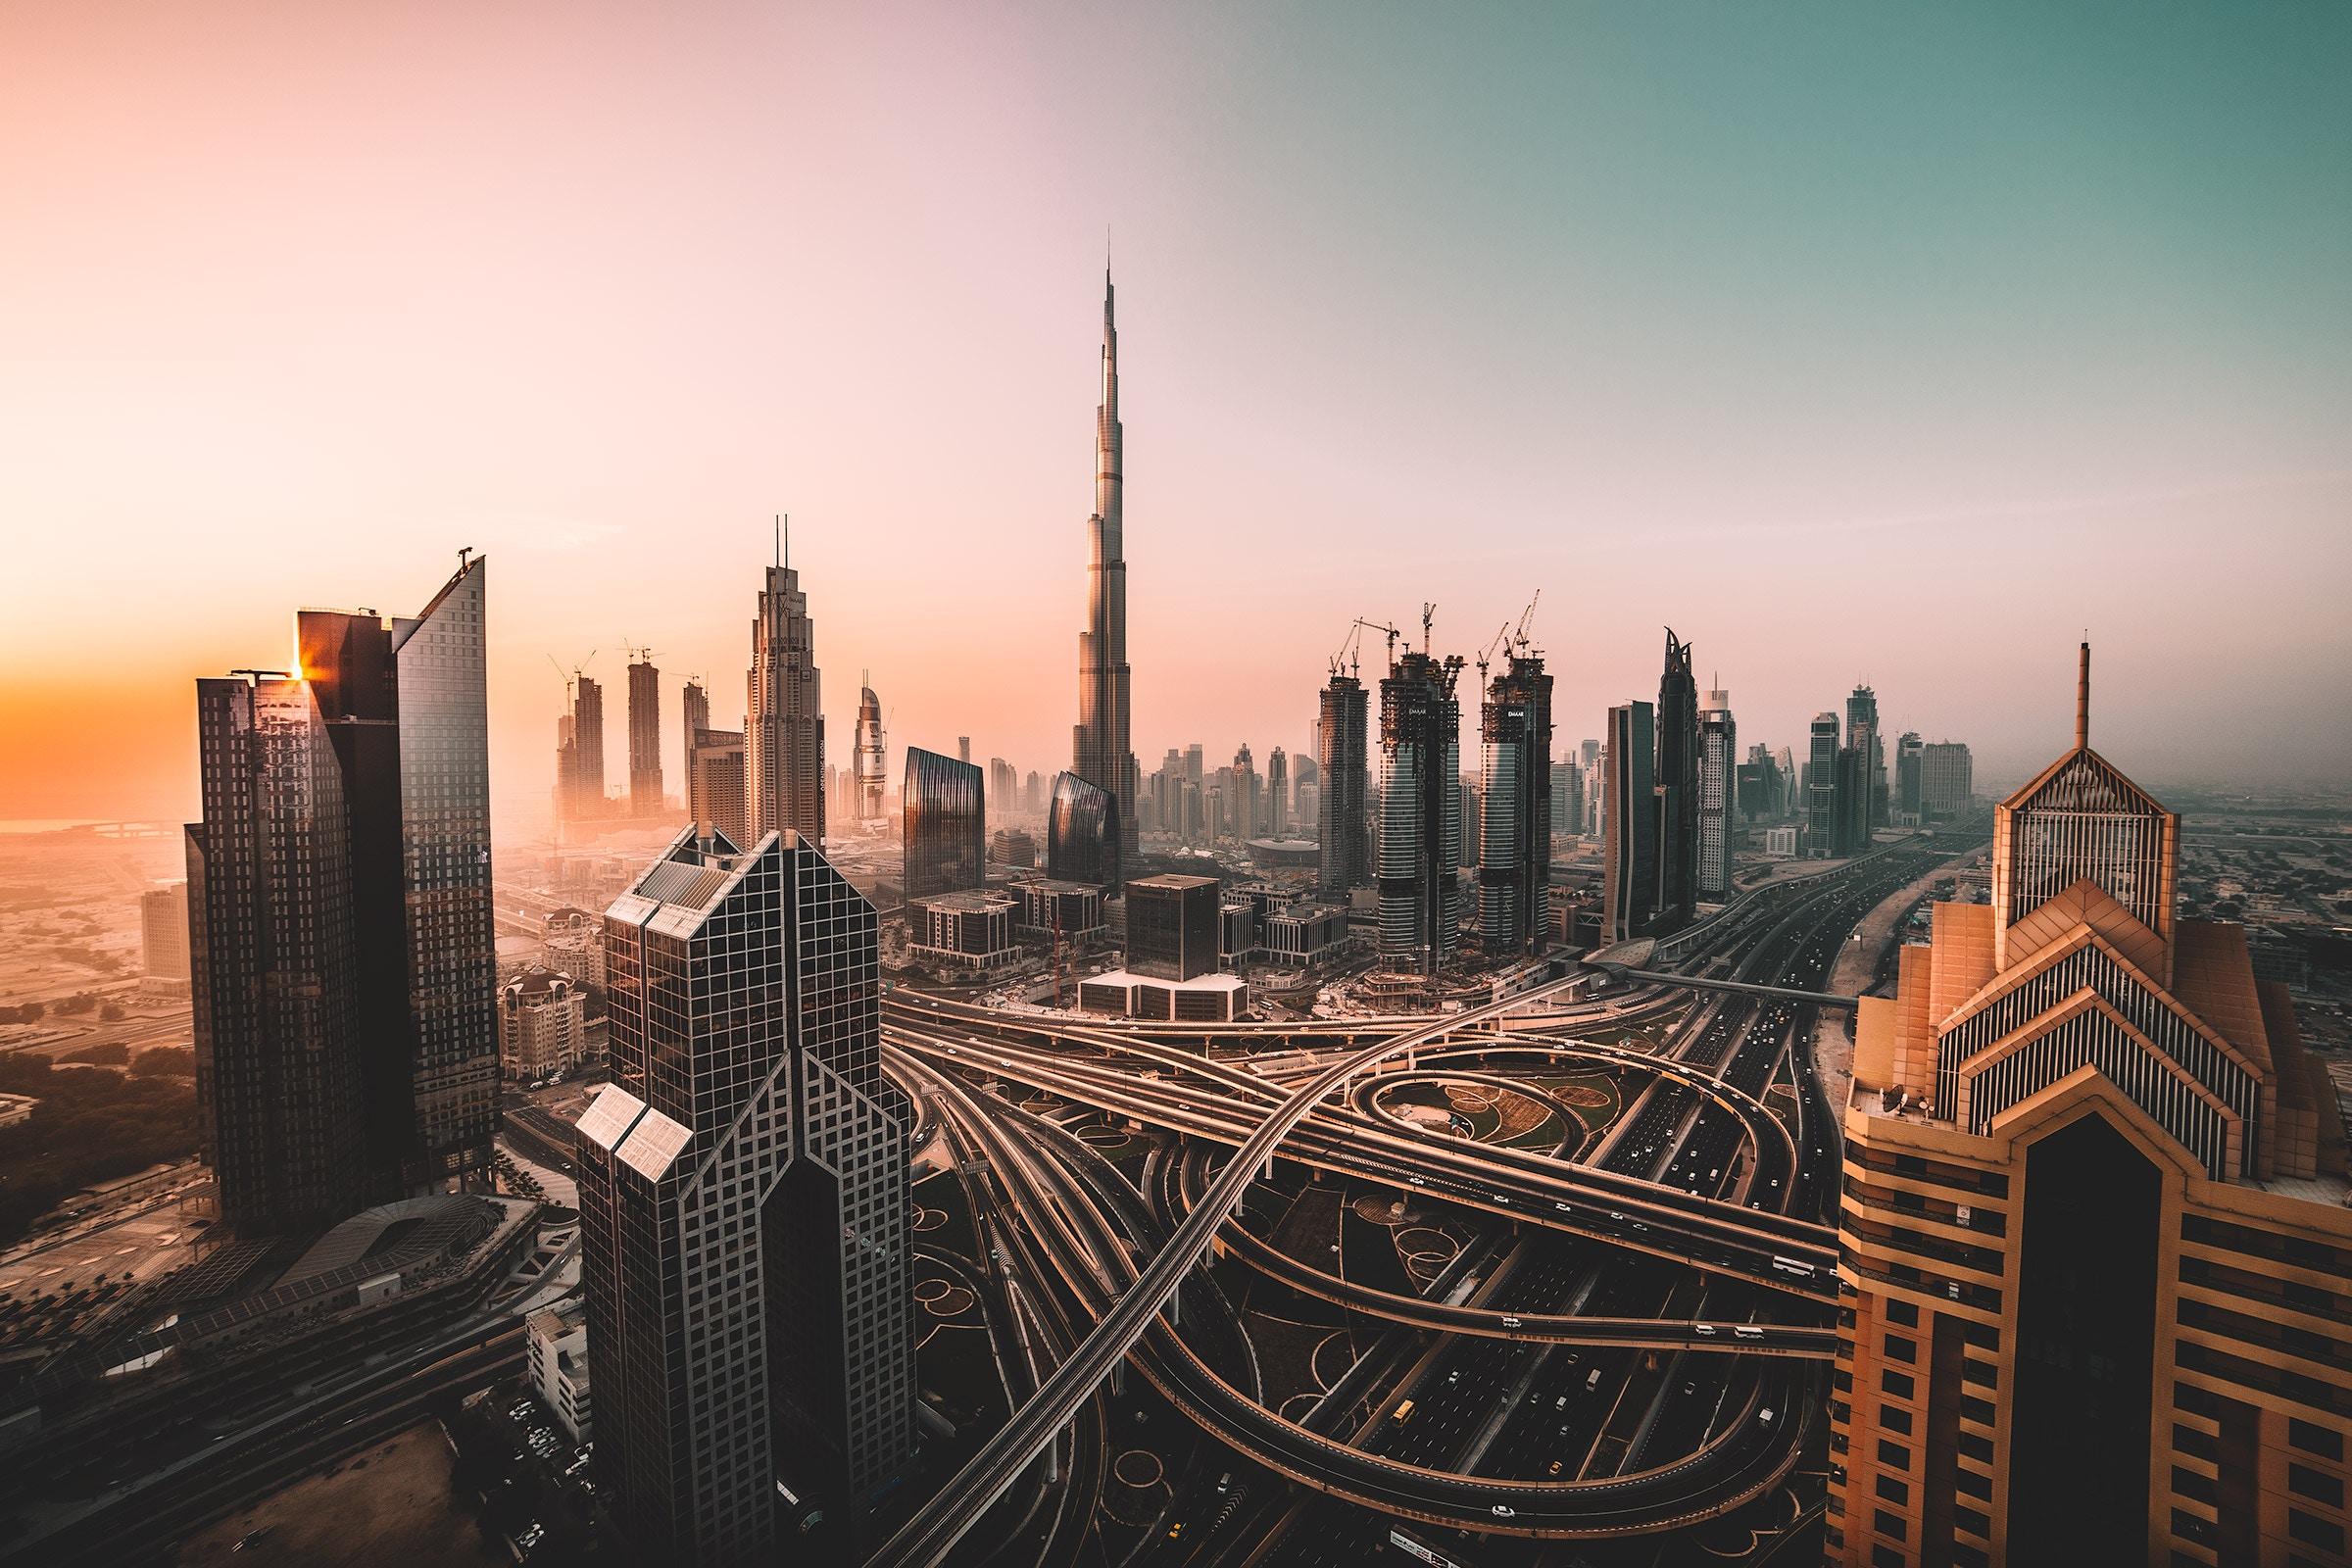 Best Ways to Find 库博体育直播 in Dubai